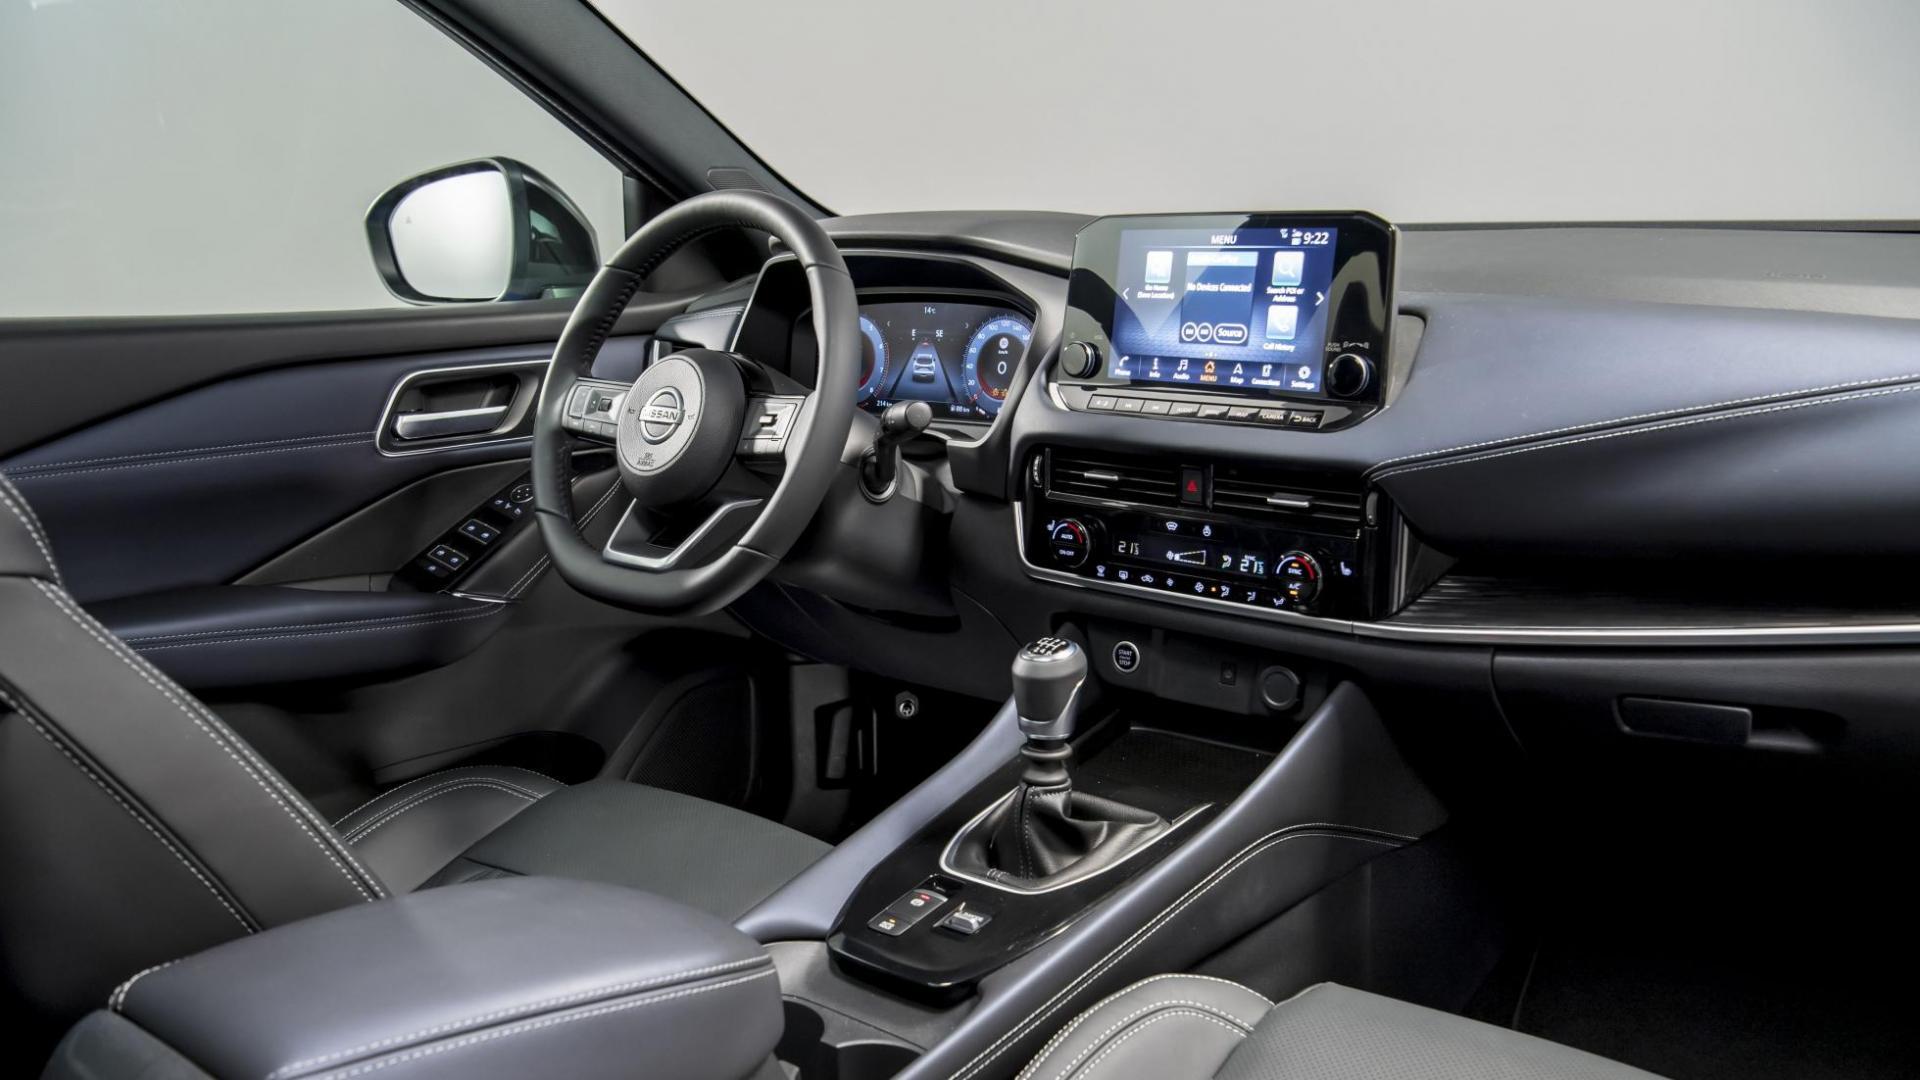 interieur en dashboard Nissan Qashqai 2021 (Blauw)